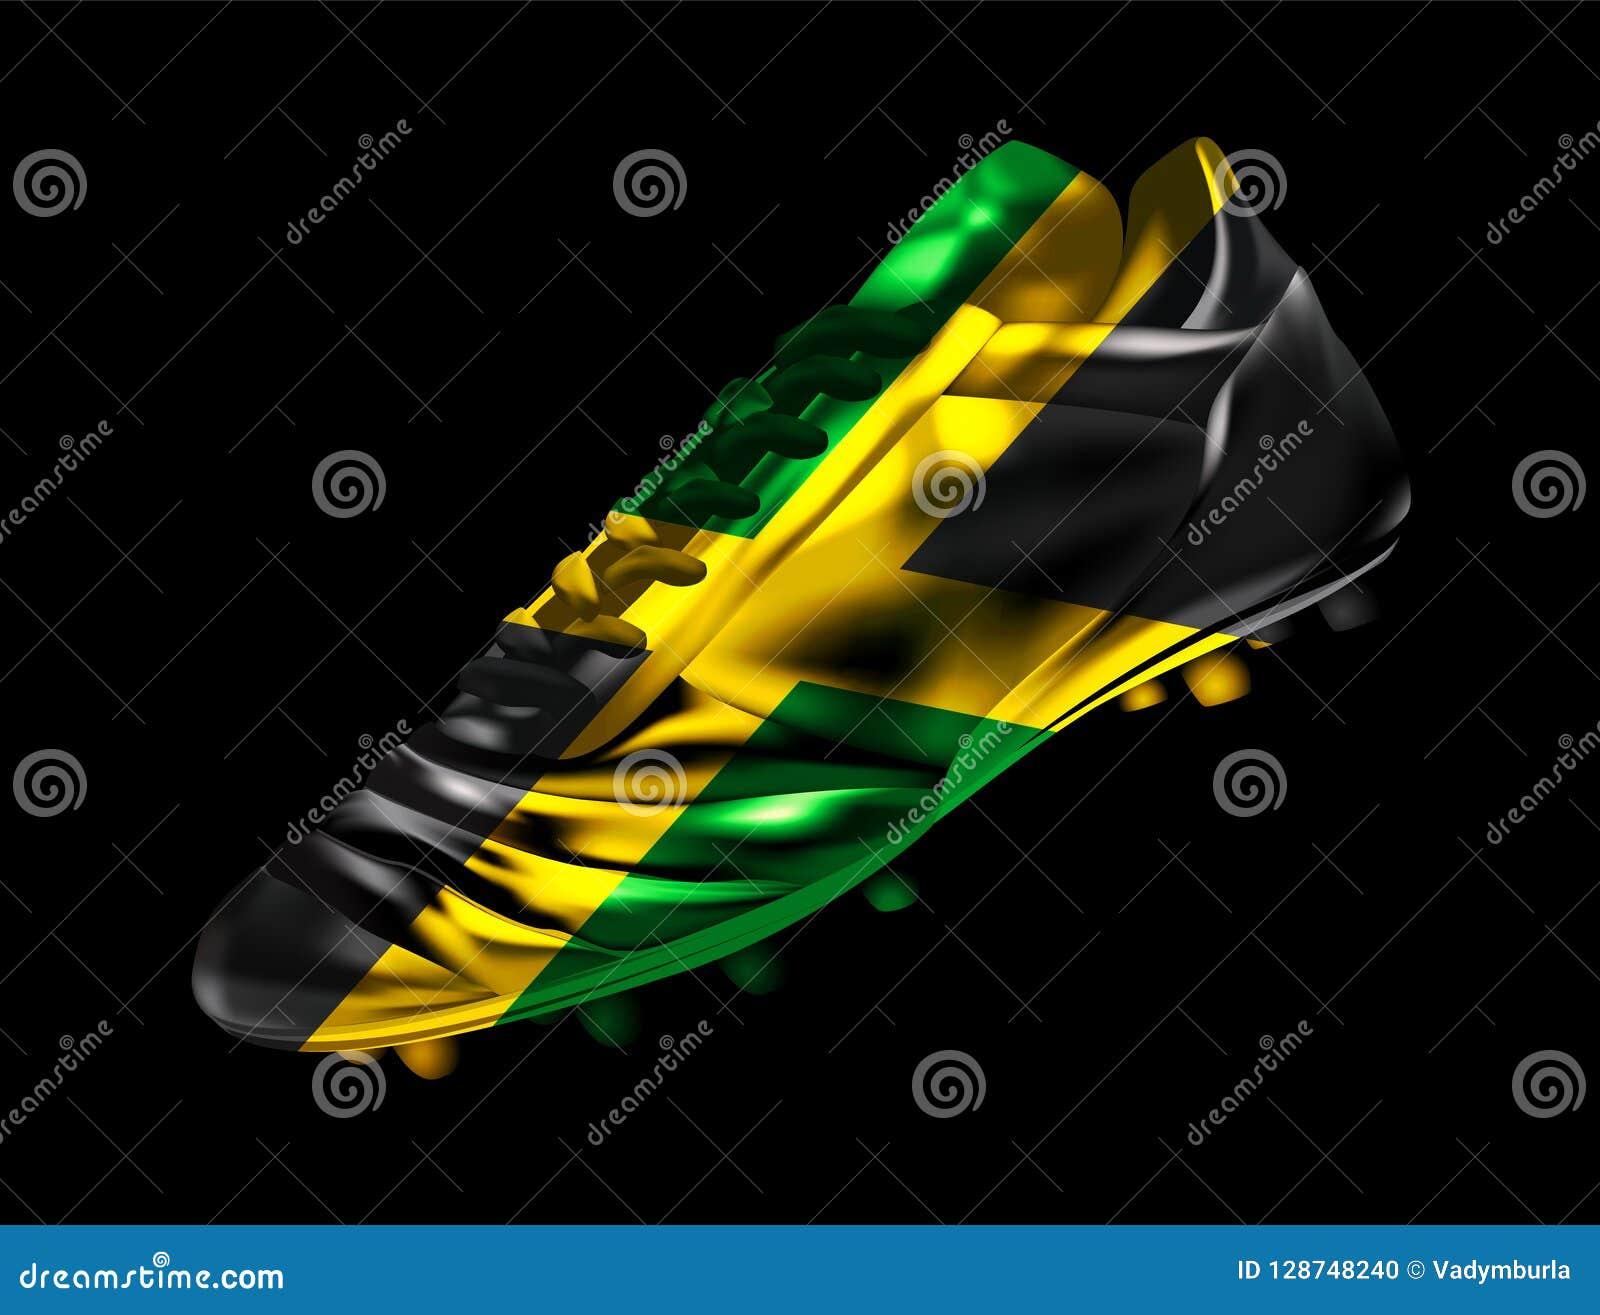 足球与牙买加的旗子的橄榄球起动打印了对此